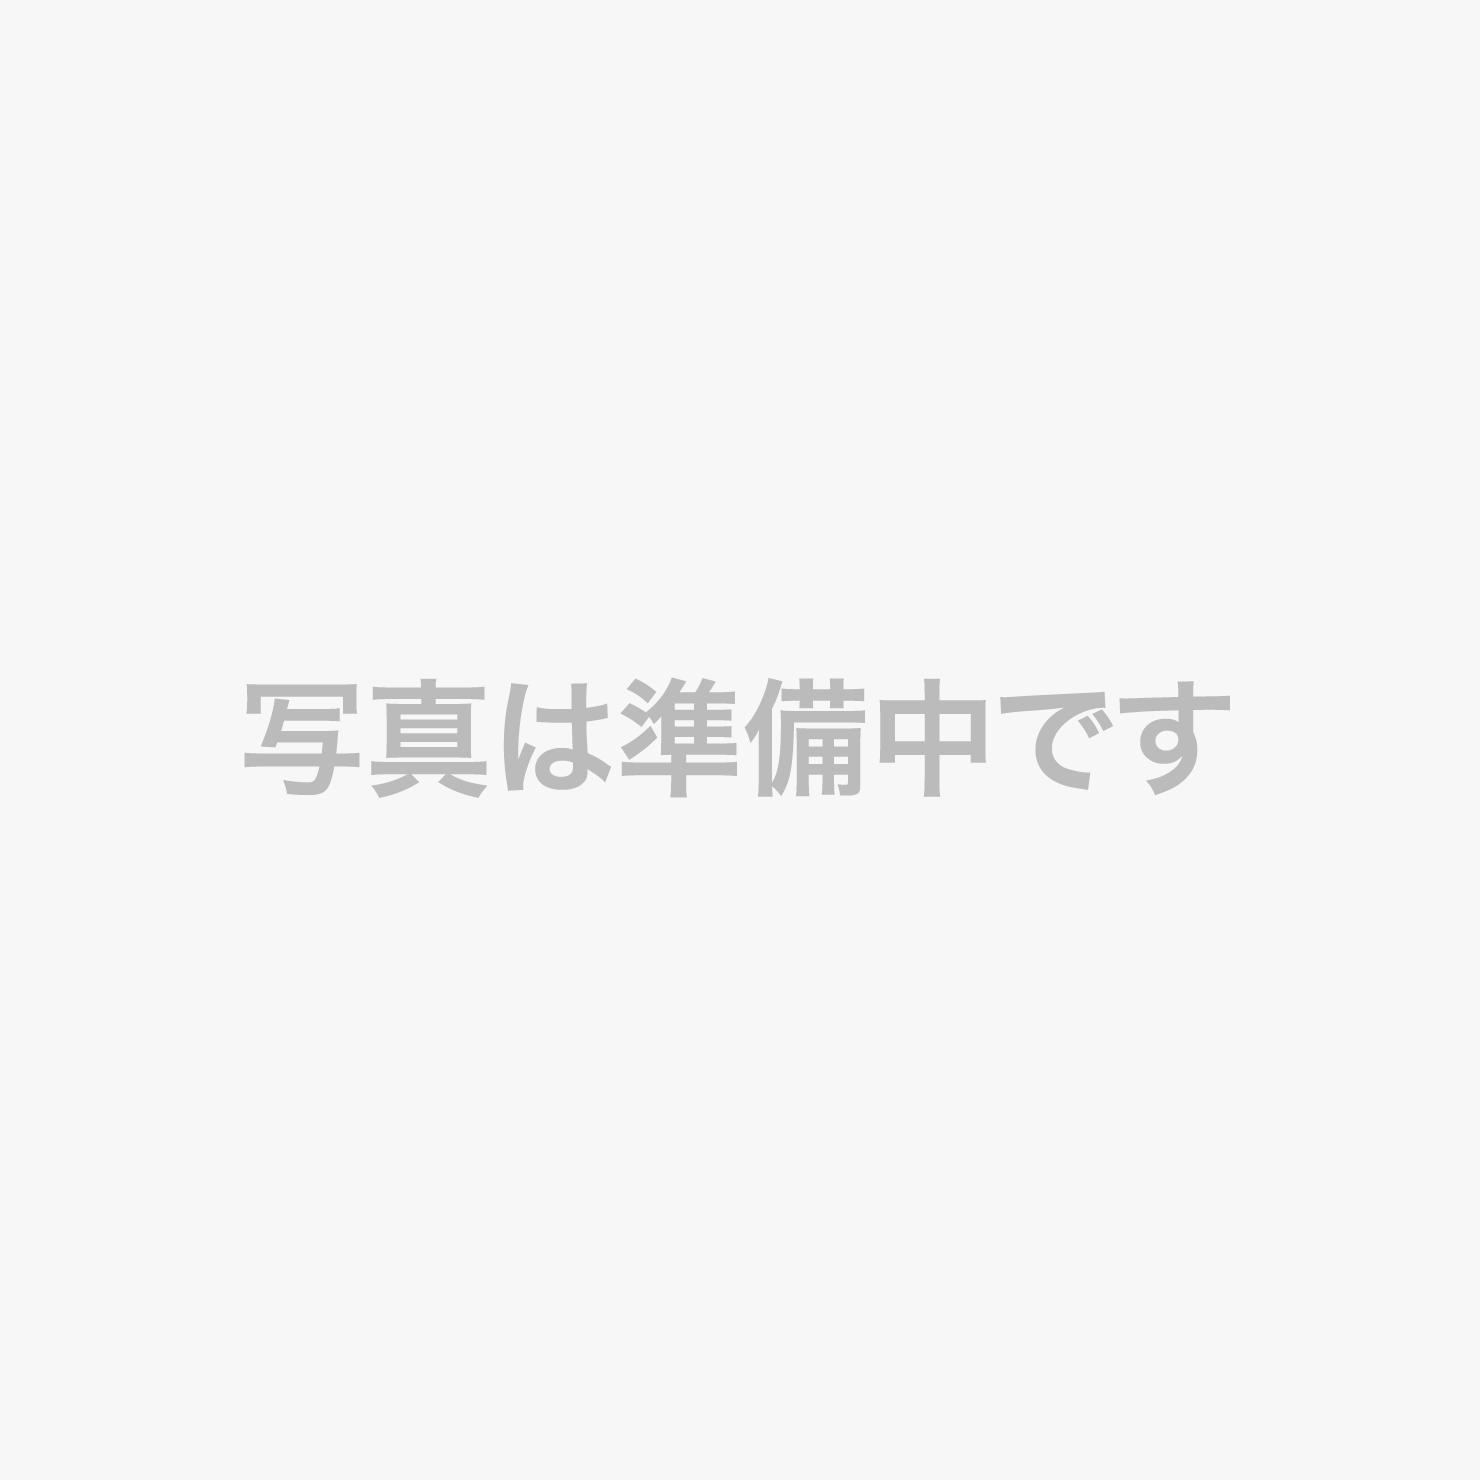 2020【会席黒珠玉】鹿児島黒毛和牛がメインの会席料理